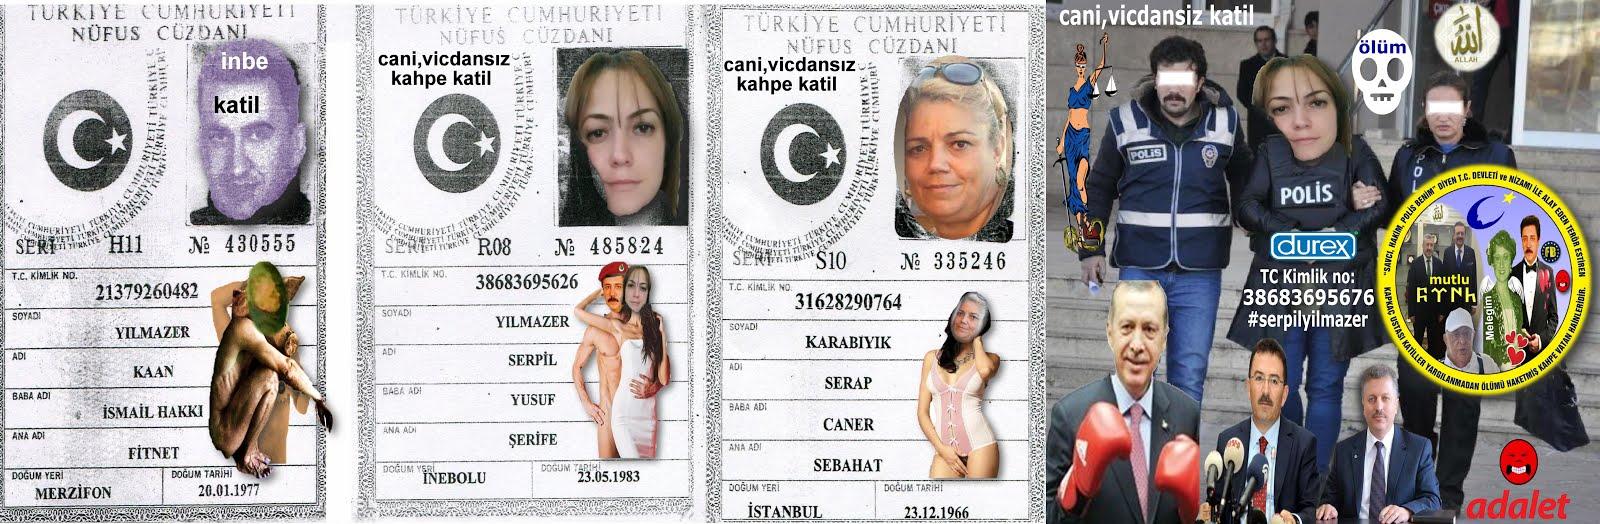 serpil yılmazer cani,vicdansız ölümü bekleyen katiller